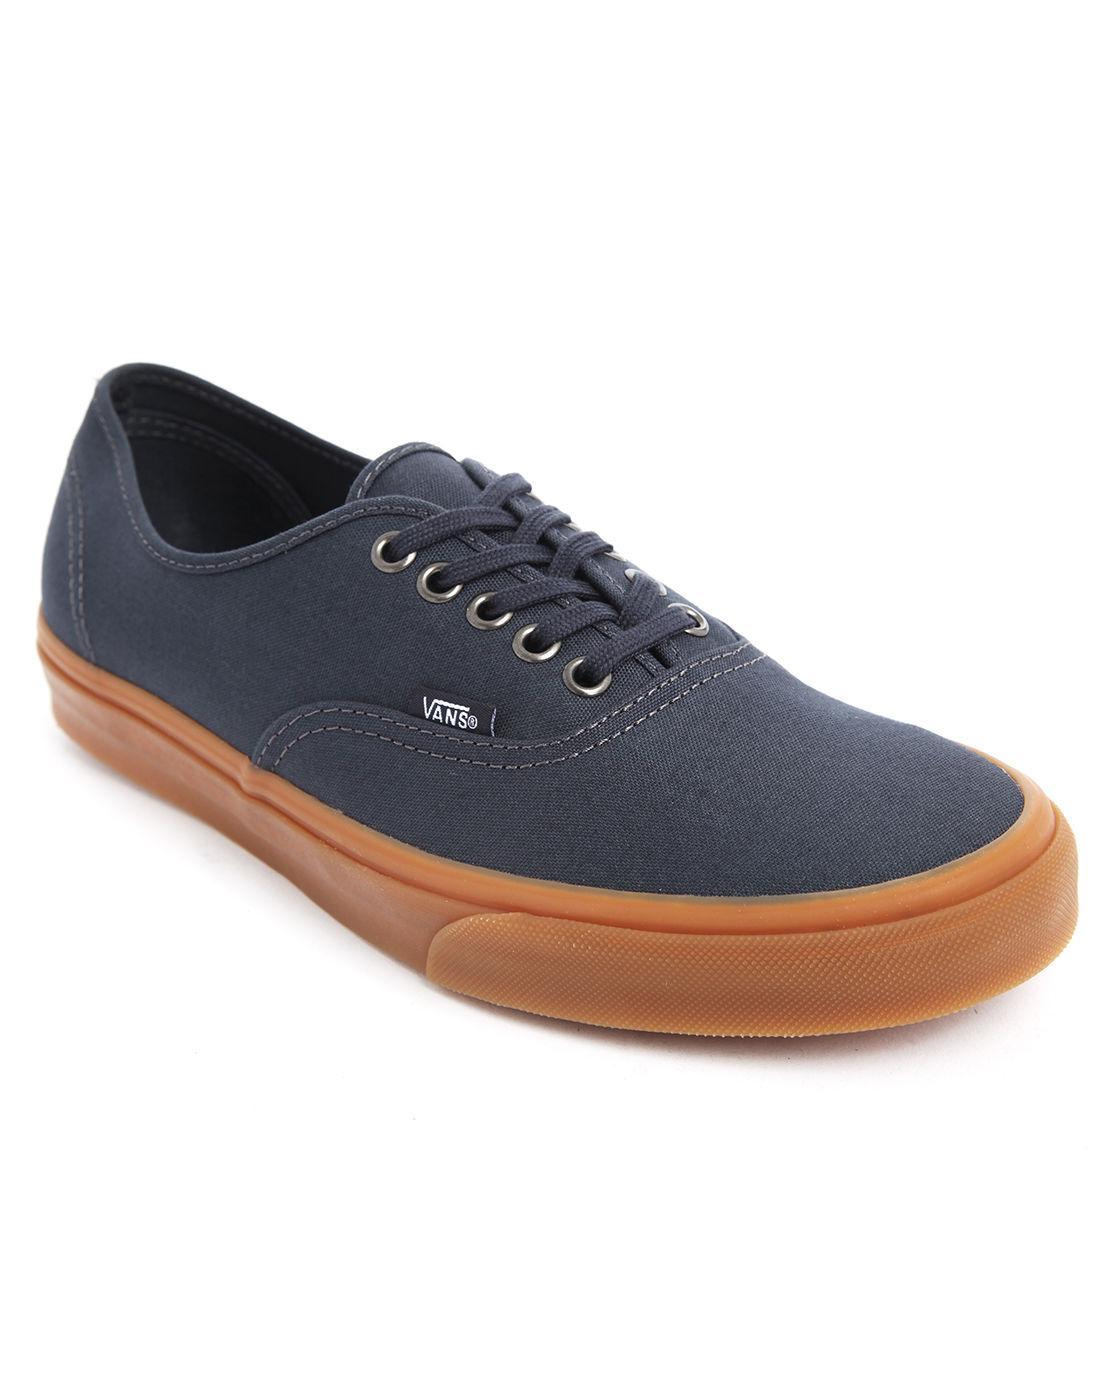 Vans Dark Blue Gum Sole